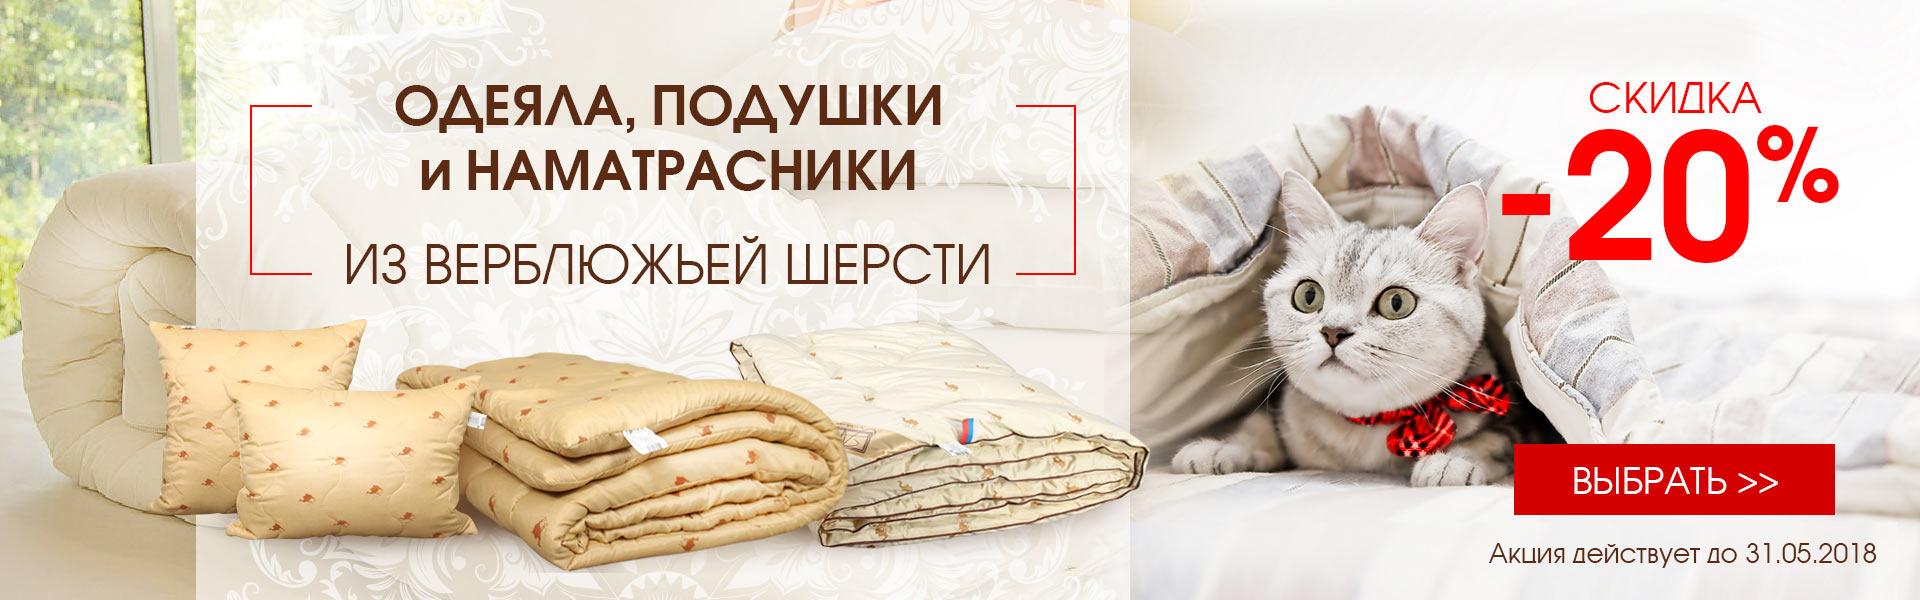 https://shtoraoptom.ru/krepkij-son